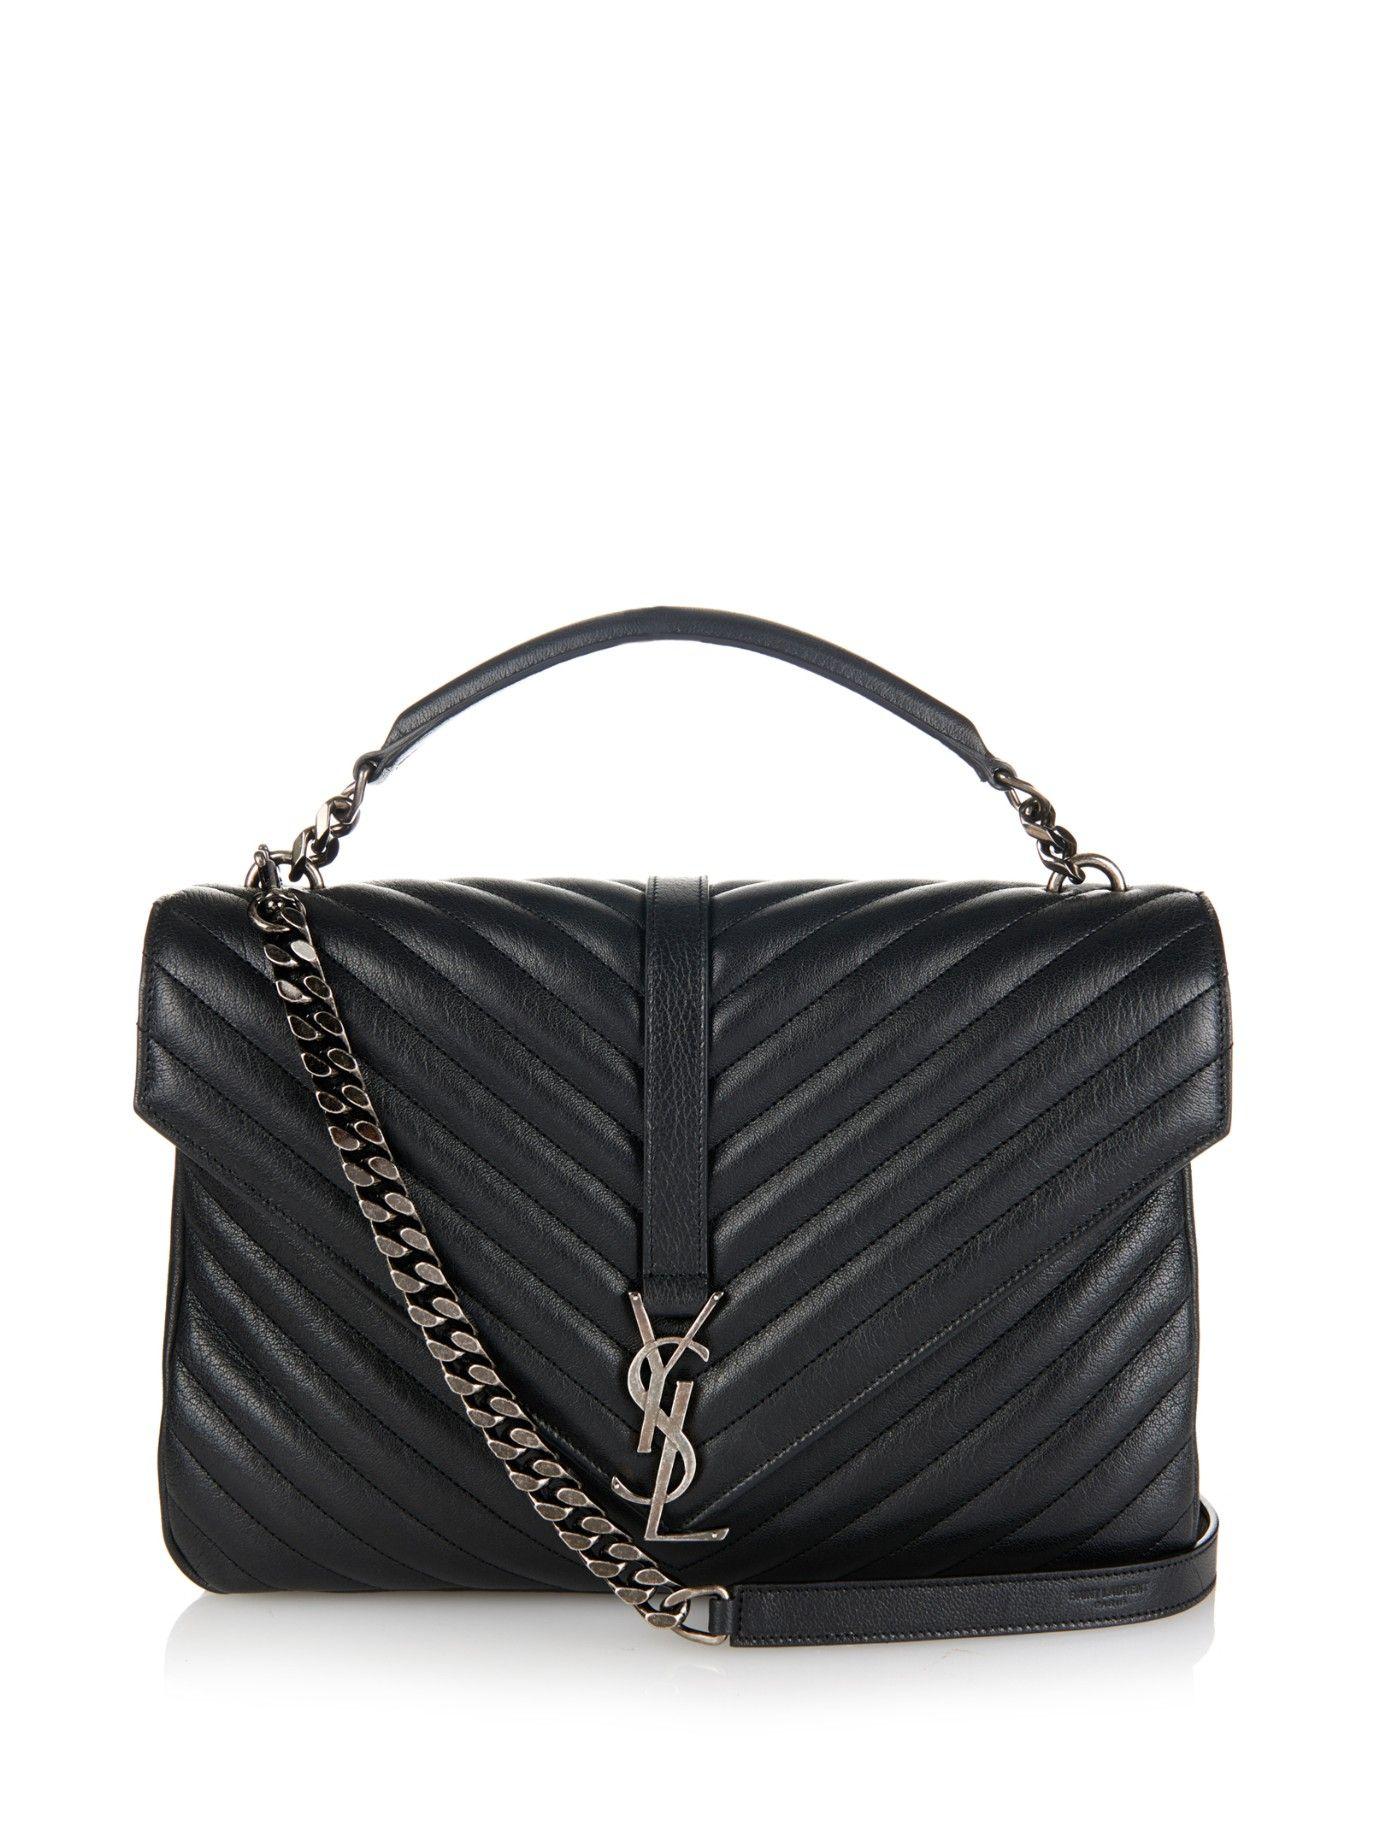 Monogram quilted-leather shoulder bag   Saint Laurent   MATCHESFASHION.COM UK